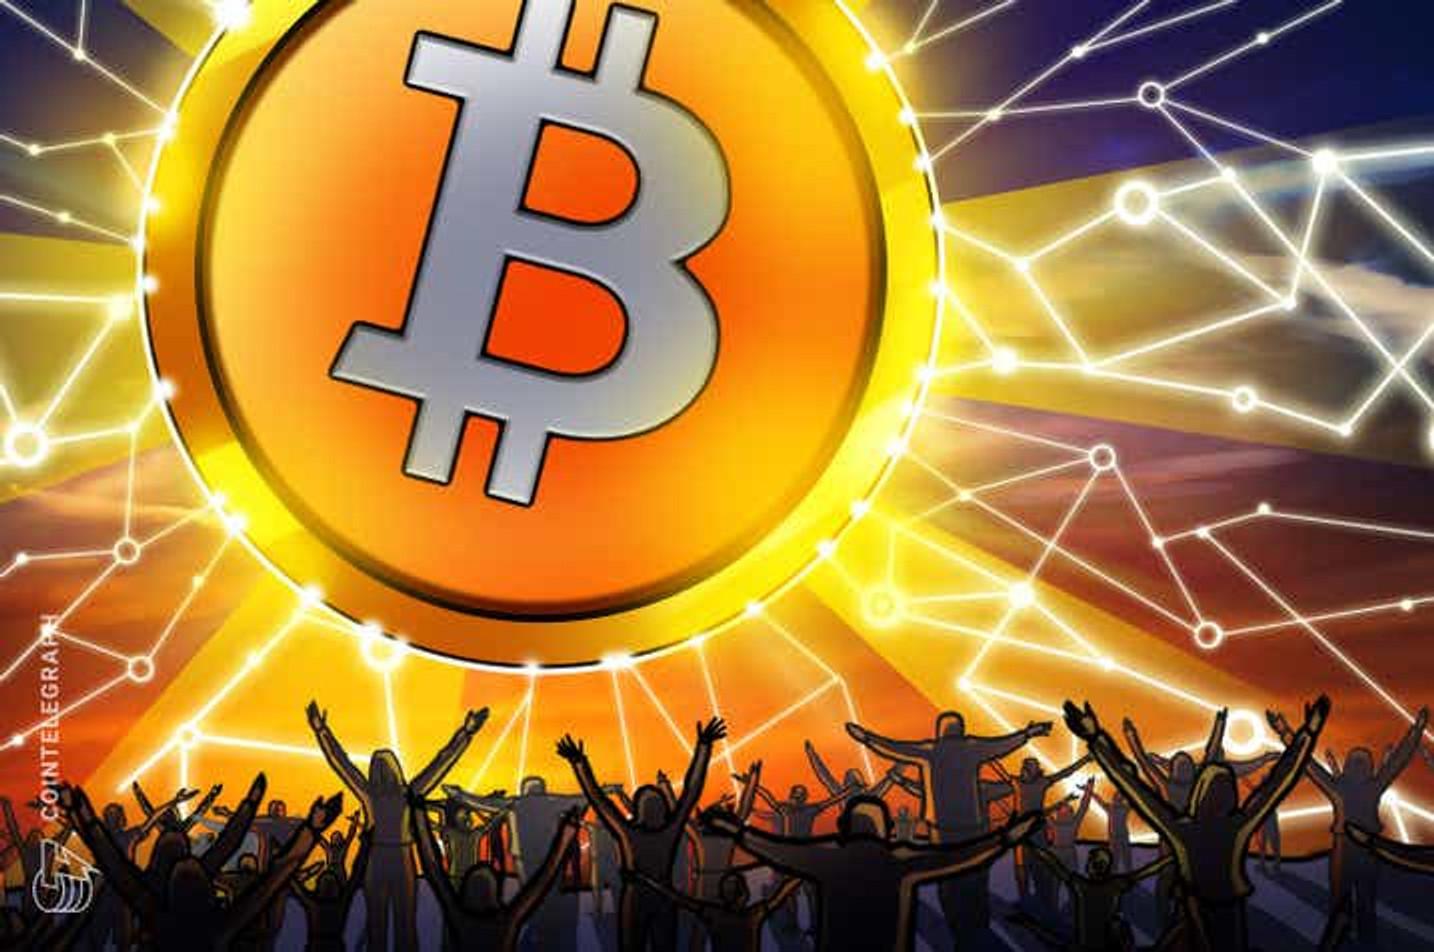 Lucrei 400% com Bitcoin e ainda vou ganhar mais porque o BTC vai passar de US$ 100 mil, revela influenciadora Carol Dias